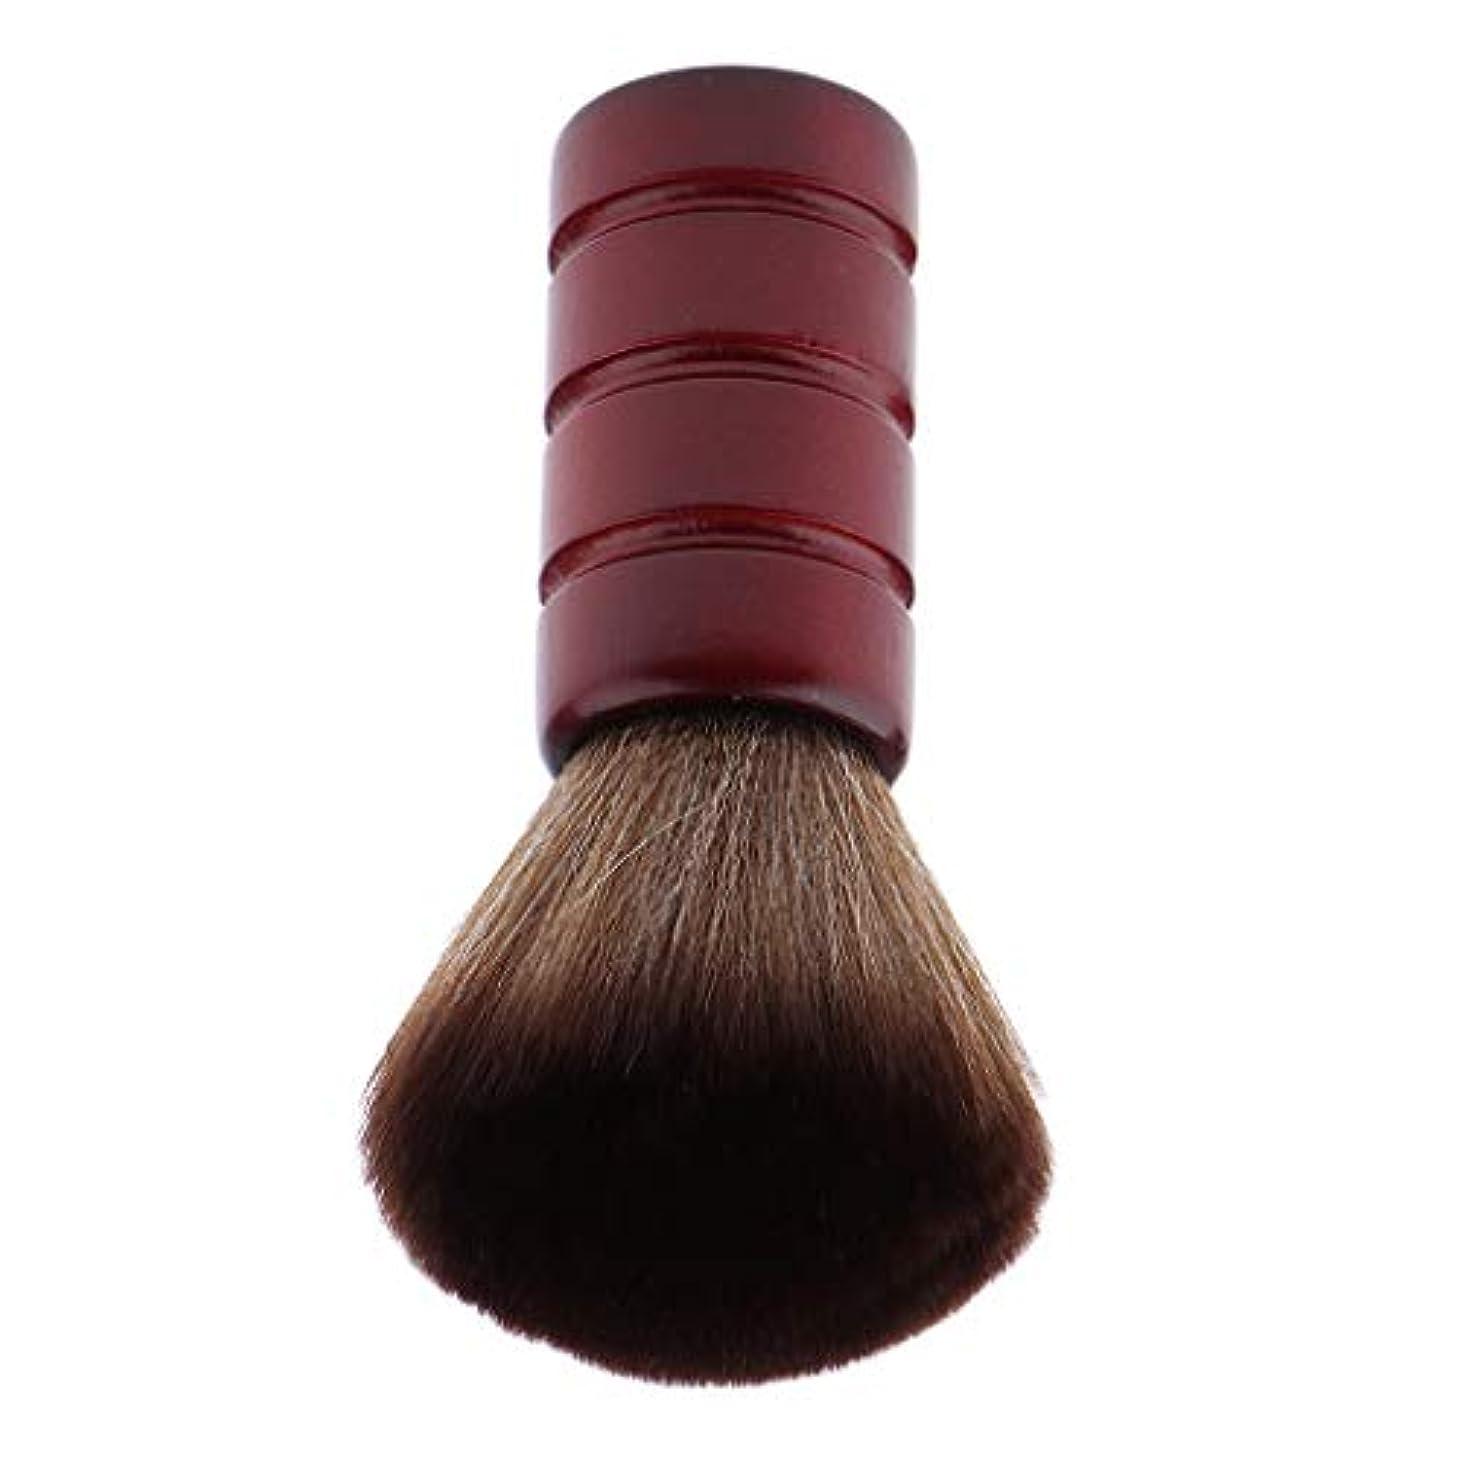 病弱生き残り大統領F Fityle バーバー ネックダスターブラシ 理髪 サロン 顔のダスターブラシ シェービング ヘアカット ブラシ